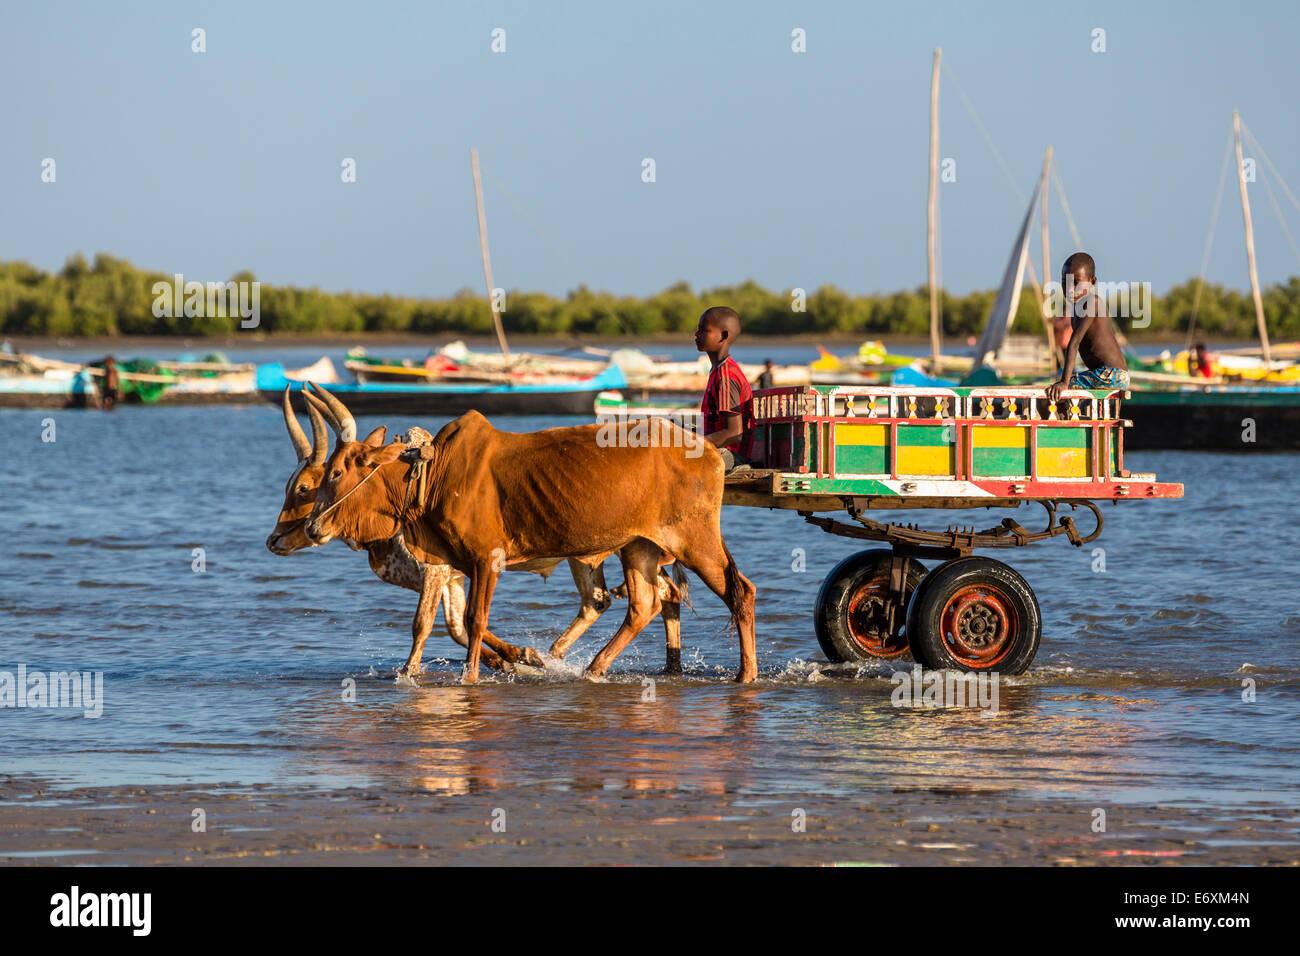 Ox cart on the beach, Tulear, Madagascar, Africa - Stock Image